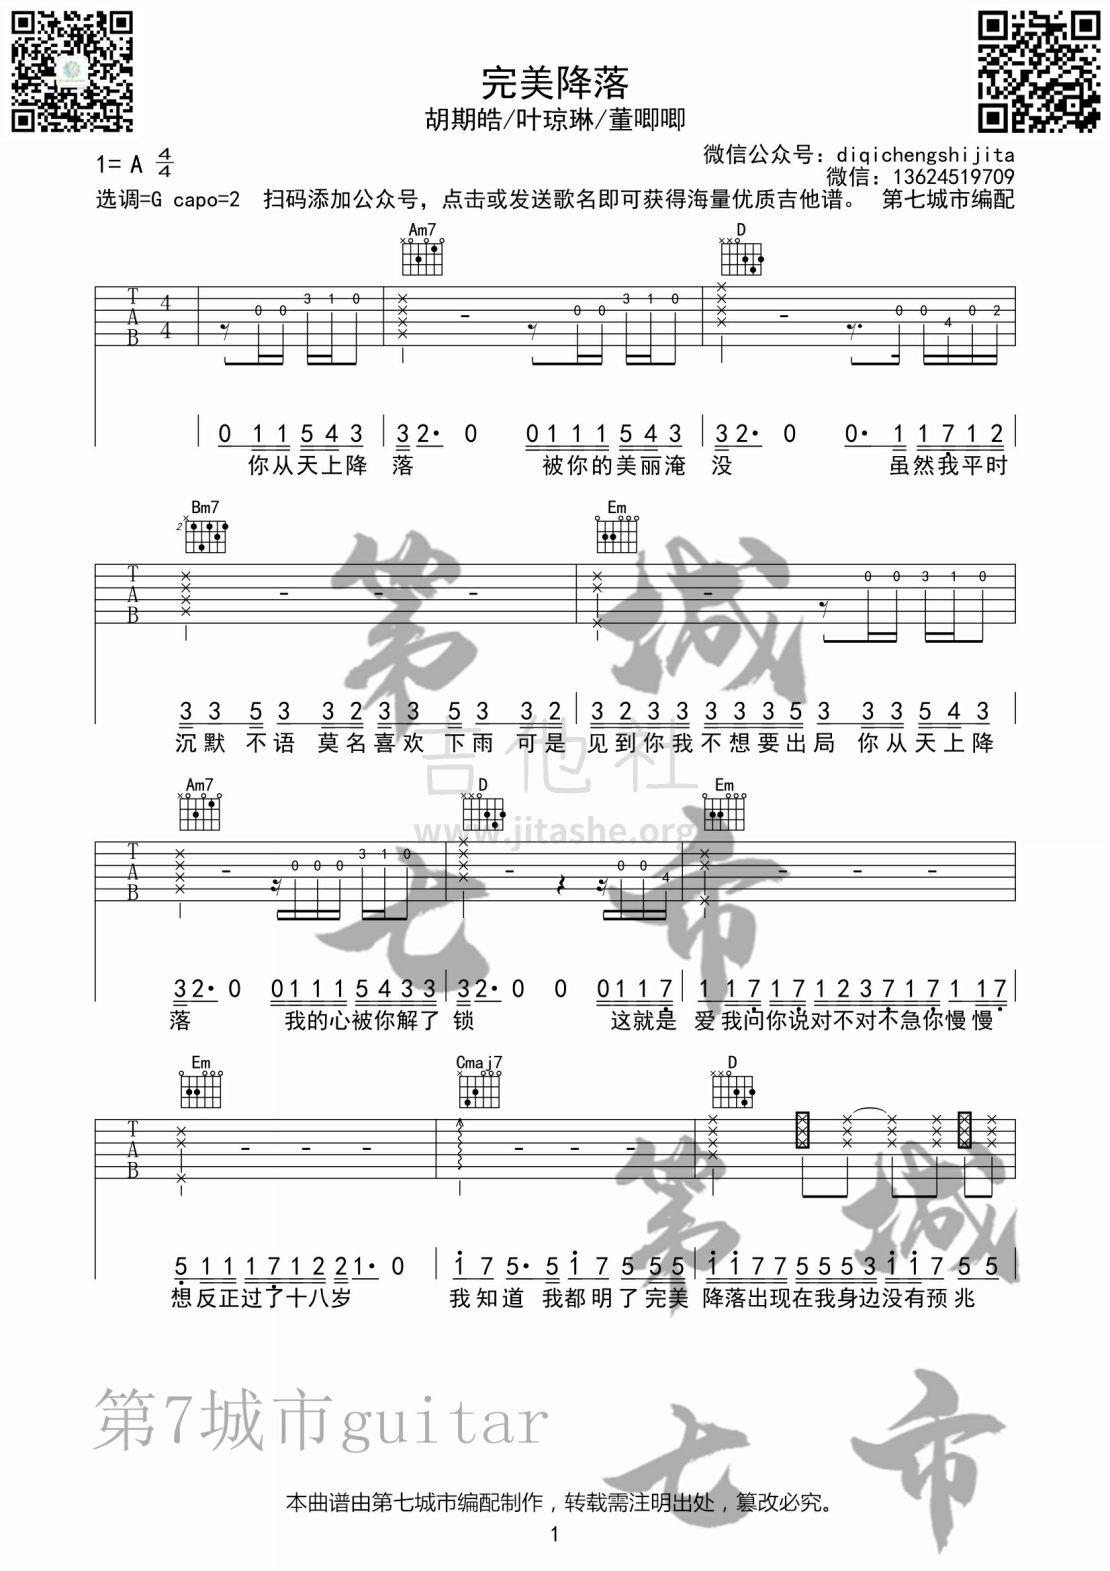 完美降落吉他谱(图片谱,完美降落,吉他谱,胡期晧)_胡期皓_完美降落二维码01.jpg